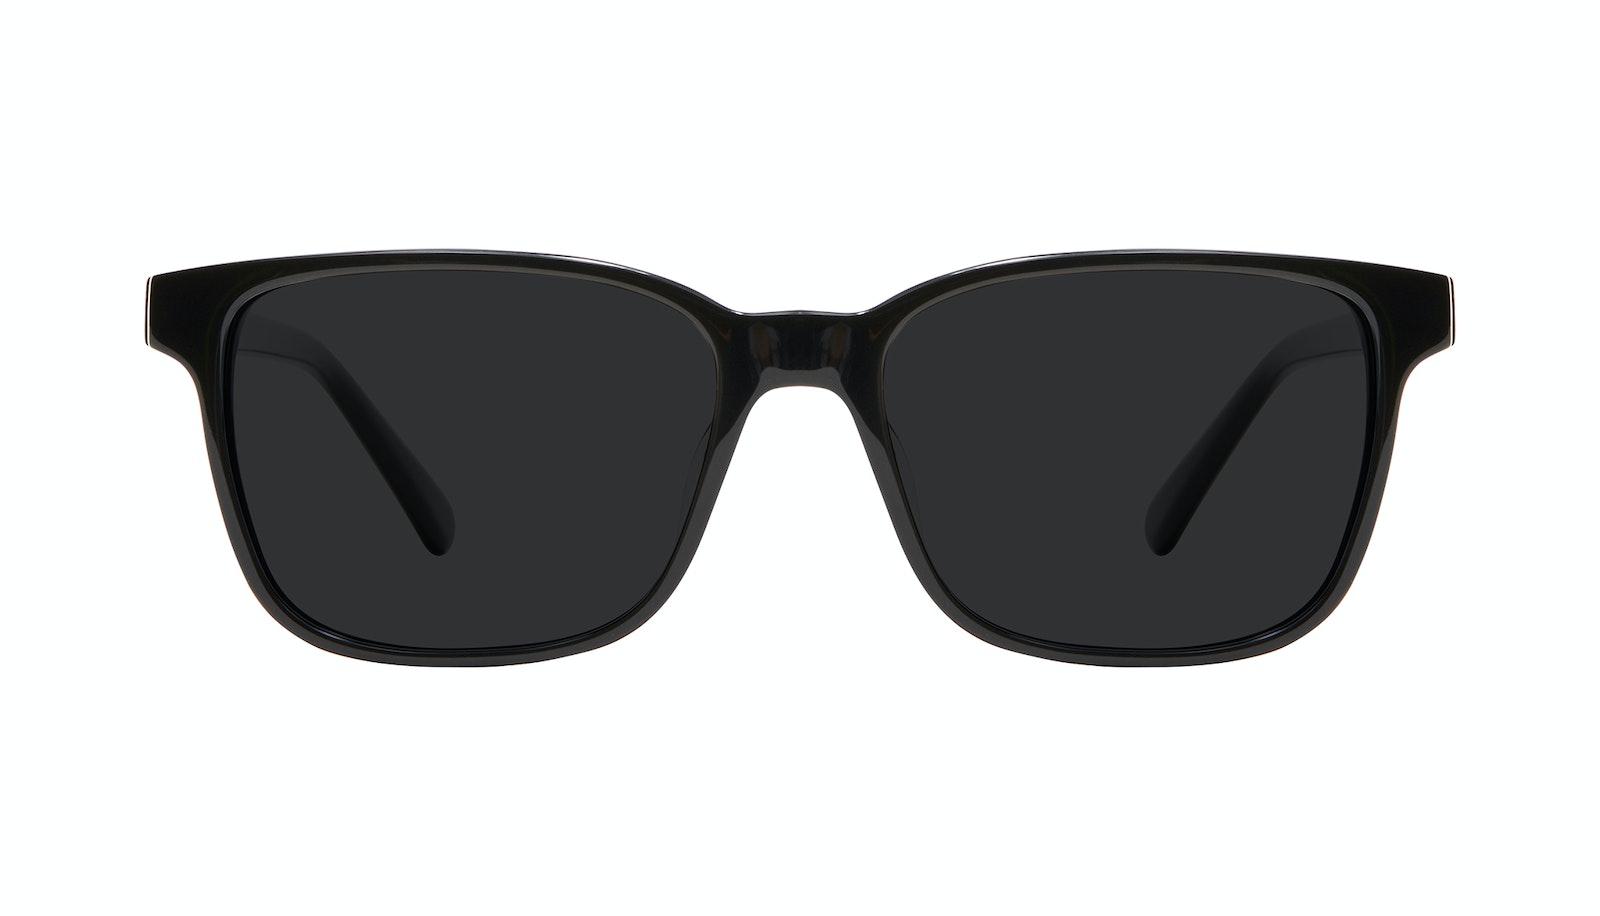 Lunettes tendance Carrée Lunettes de soleil Hommes Risk Black